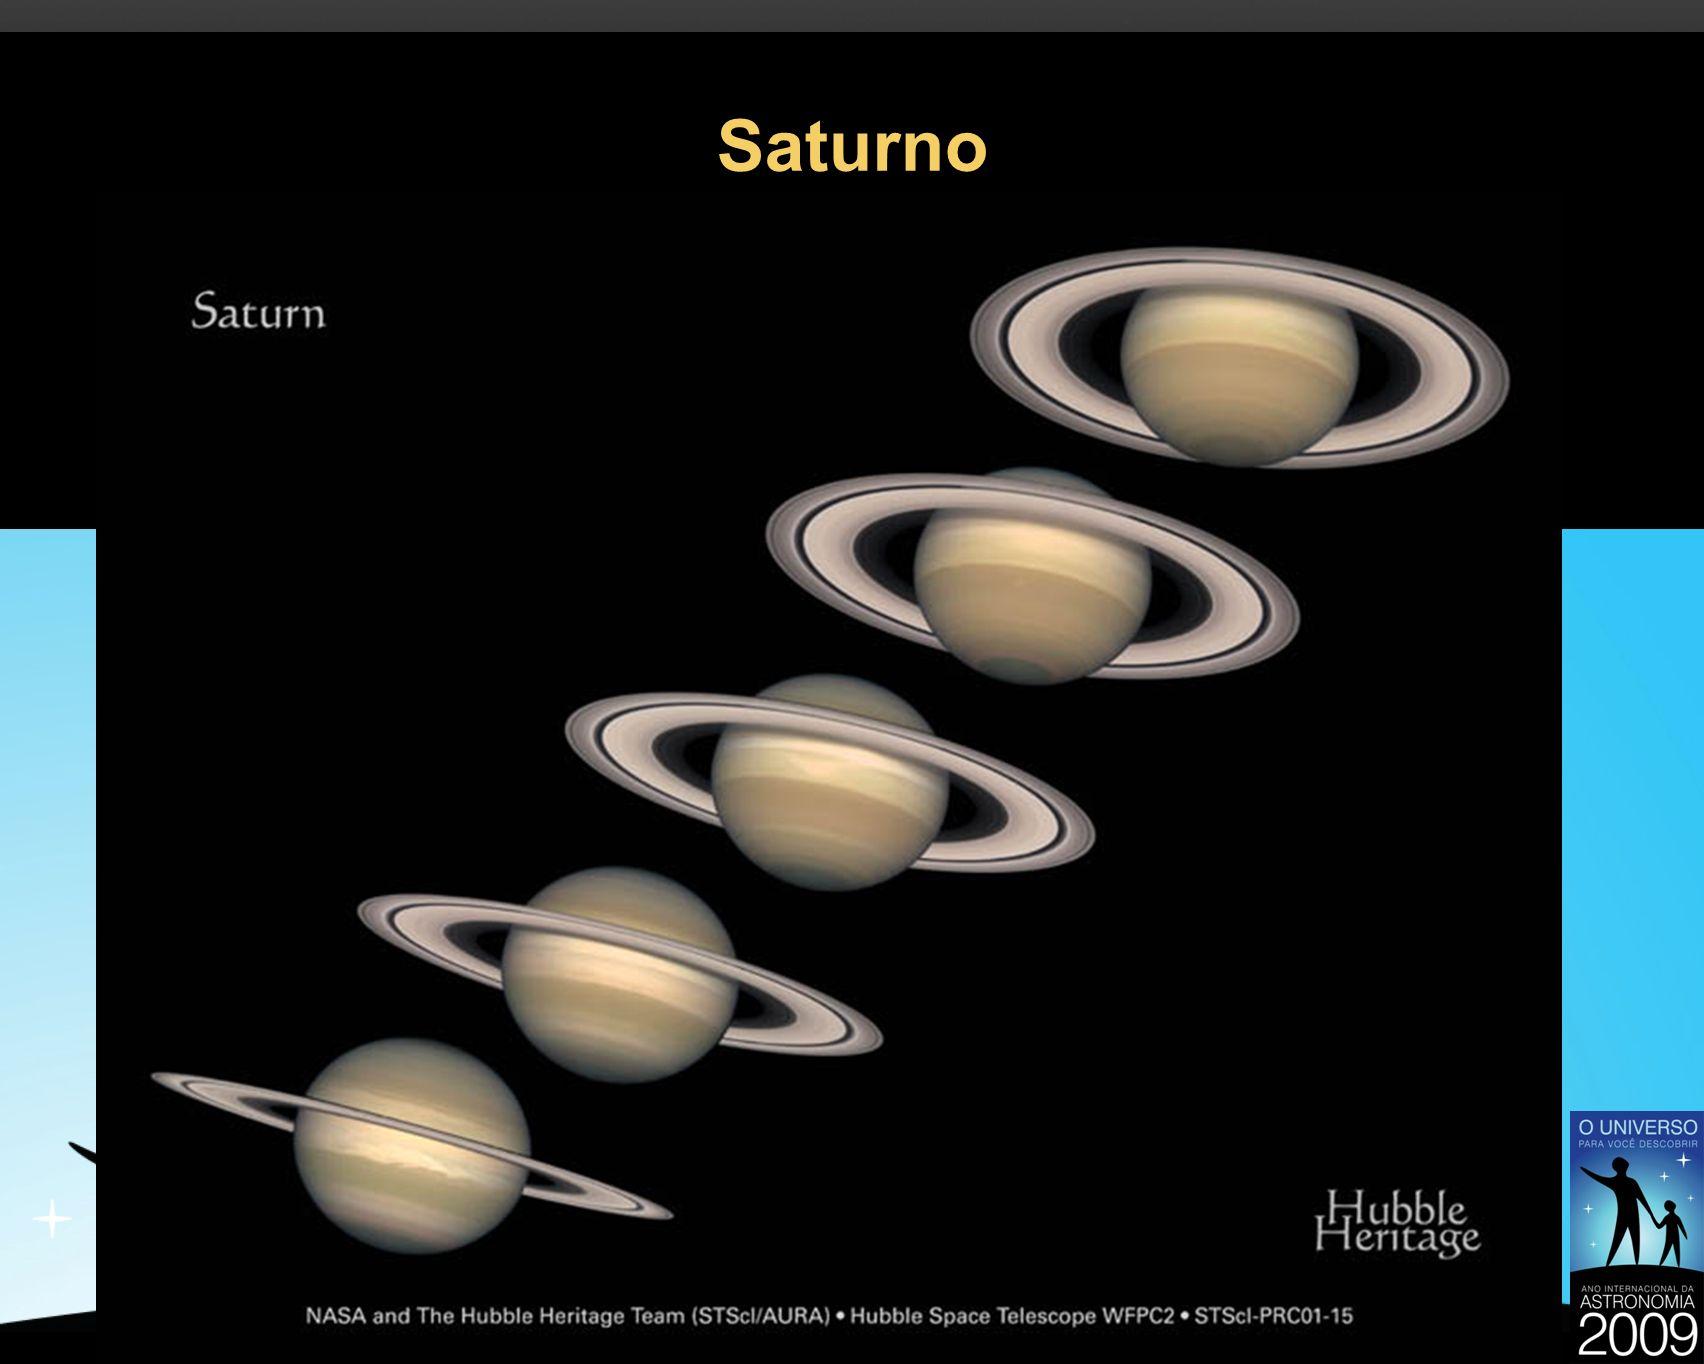 Saturno 37